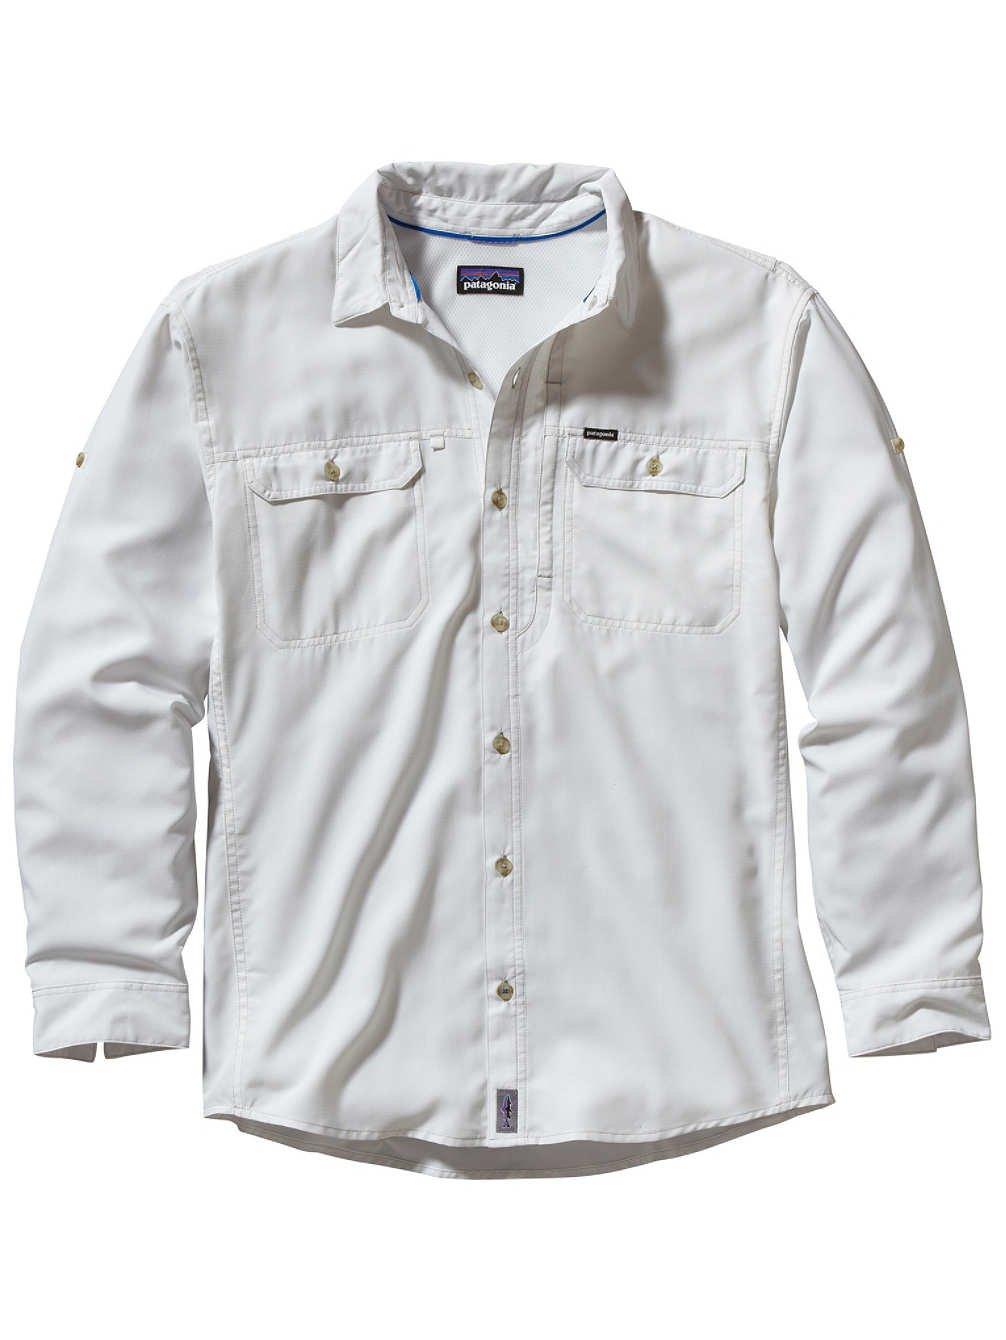 Patagonia M 'S L/S Sol Patrol II Shirt, Herren 54259